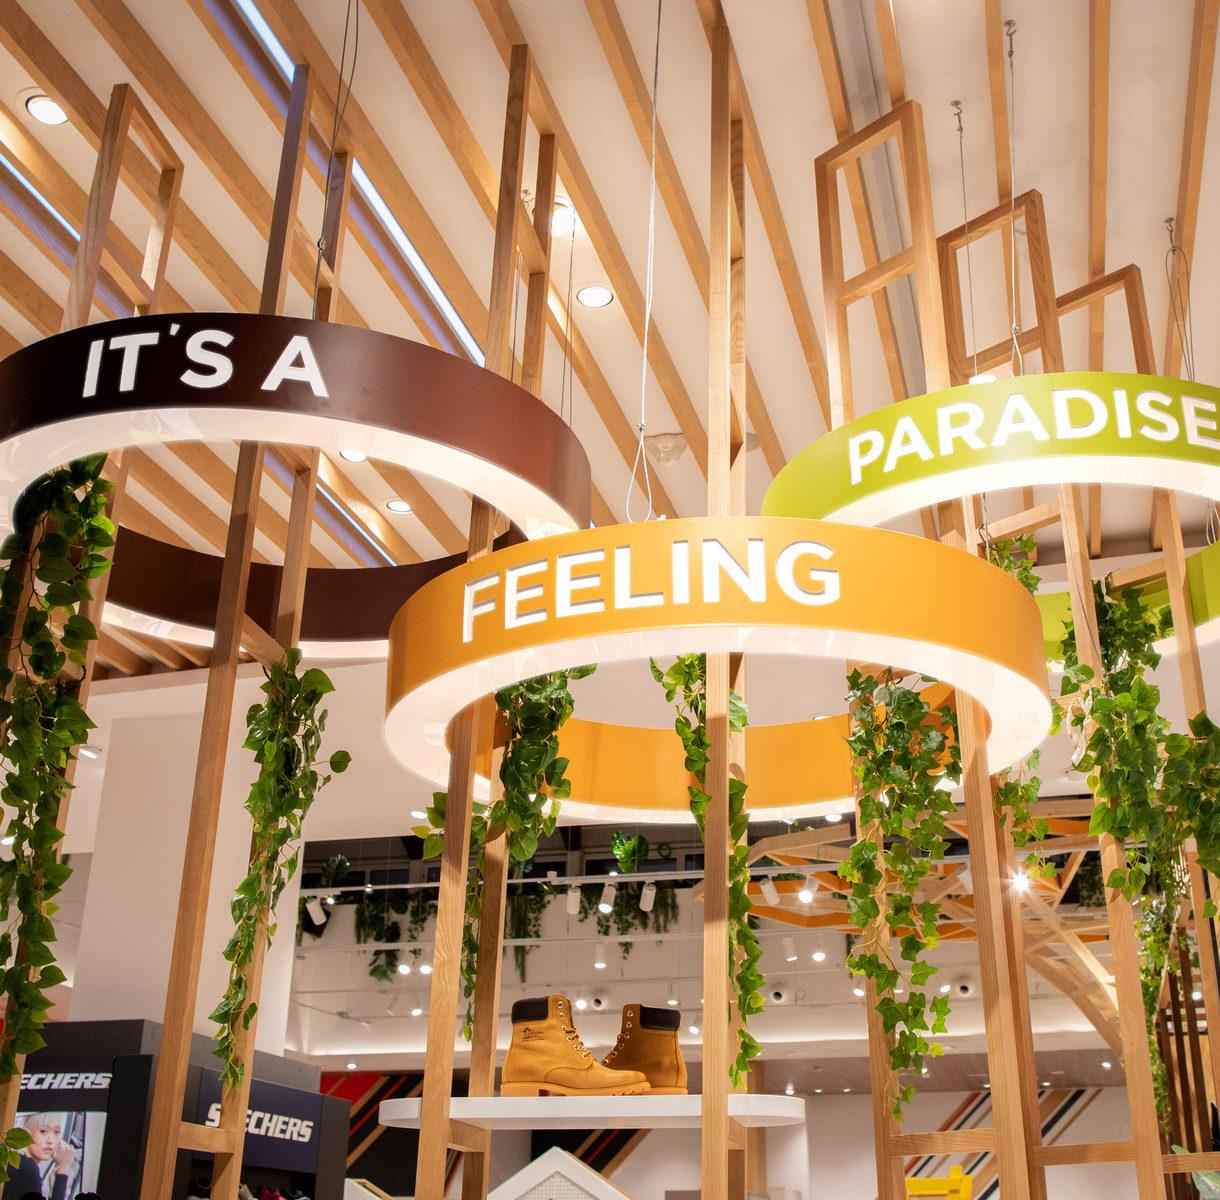 Ambientación inspirada en el Paraíso y la Diversión. Mostazadesign